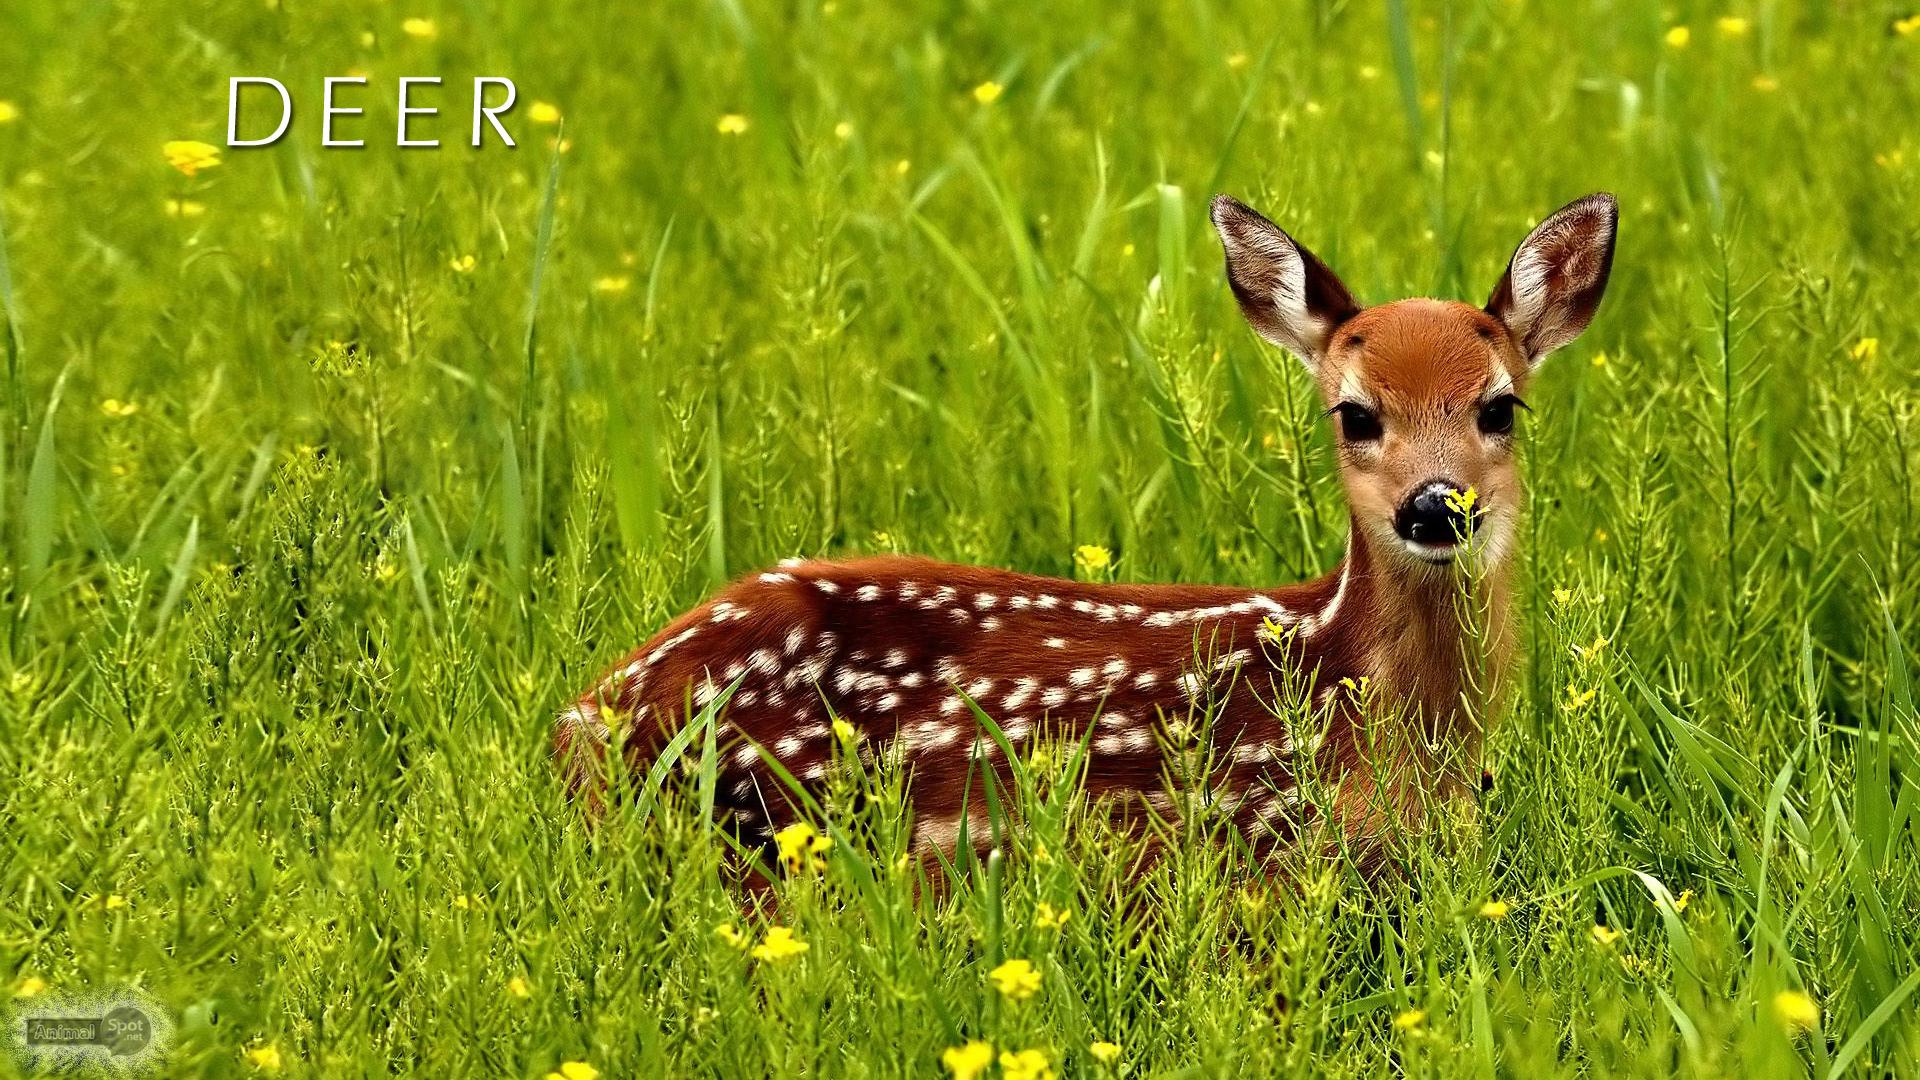 deer wallpaper 43 wallpapers � hd wallpapers